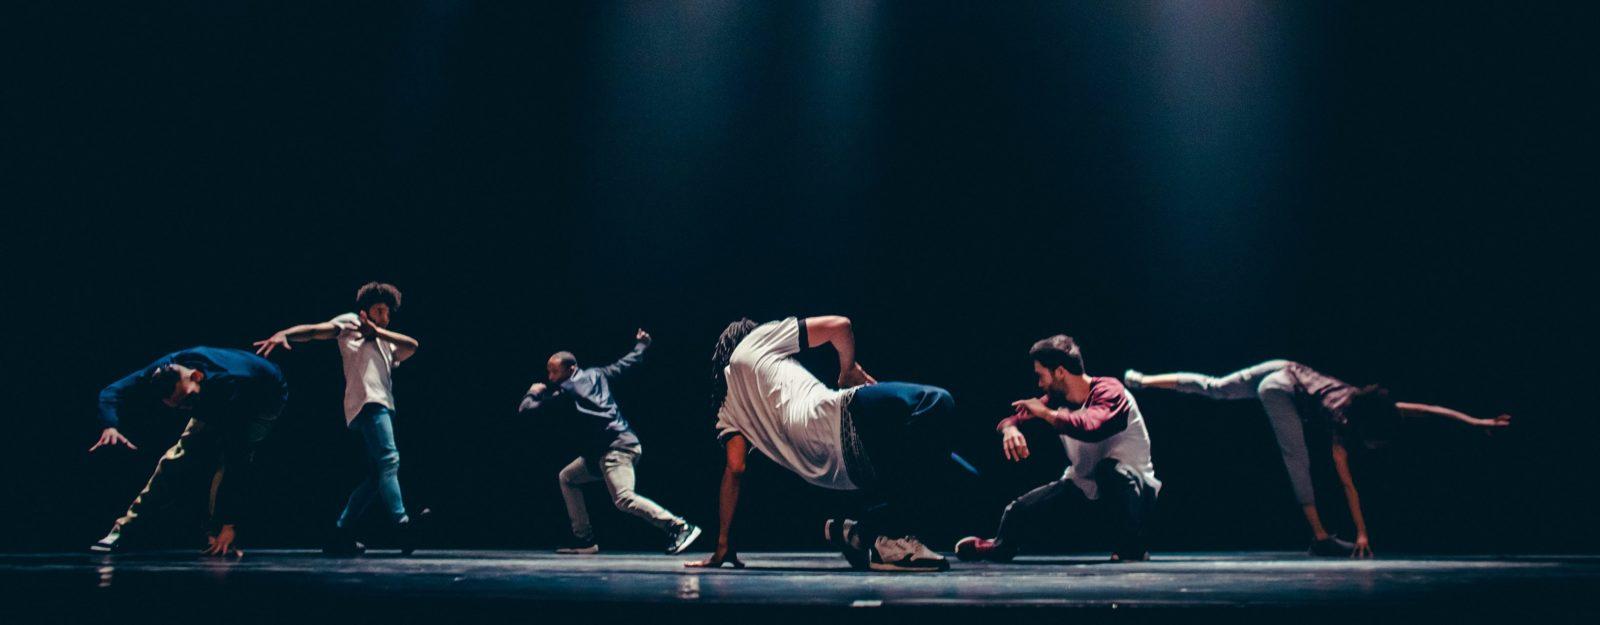 Danseurs du festival de danse hip-hop Groove'n'move à Genève du 24 février au 4 mars 2018